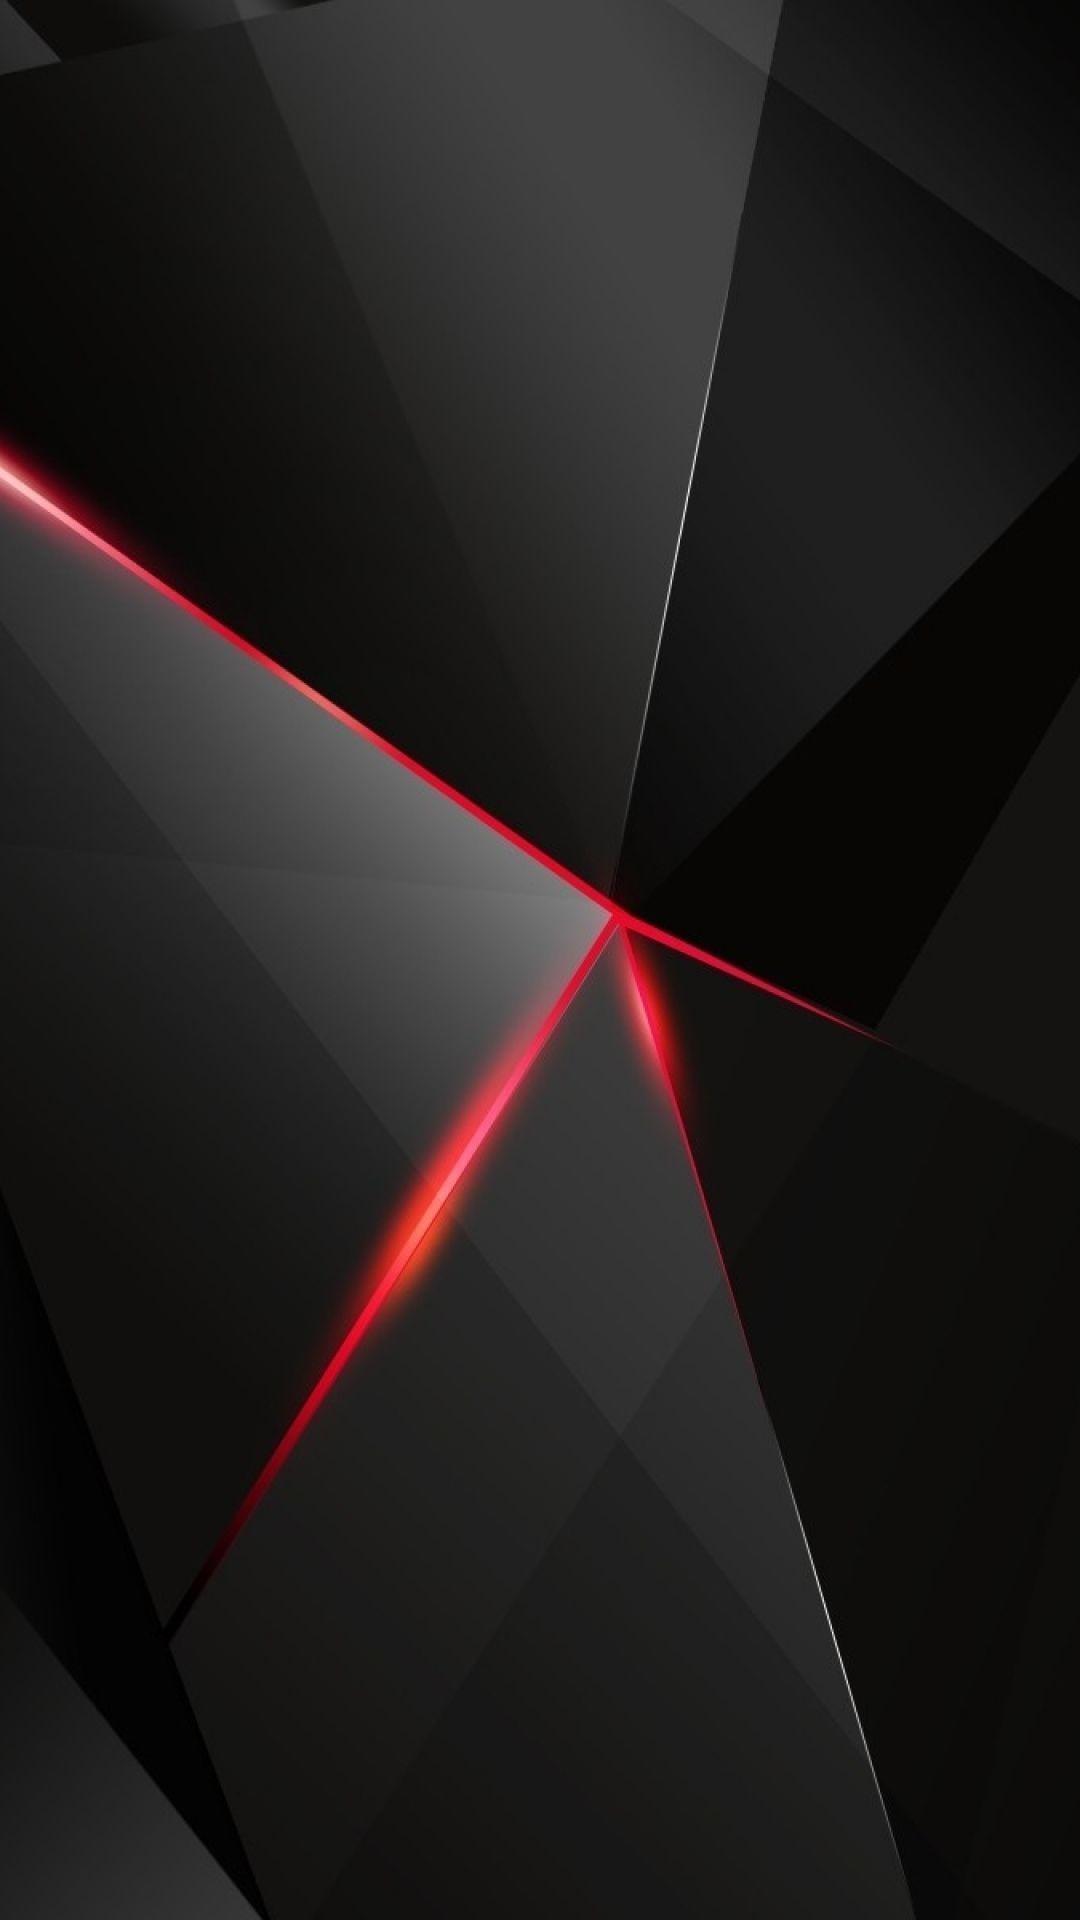 Sony Xperia Z1 Zl Z Samsung Galaxy S4 Htc One Black Wallpapers In 2020 Black Wallpaper Pure Black Wallpaper Black Wallpaper Iphone